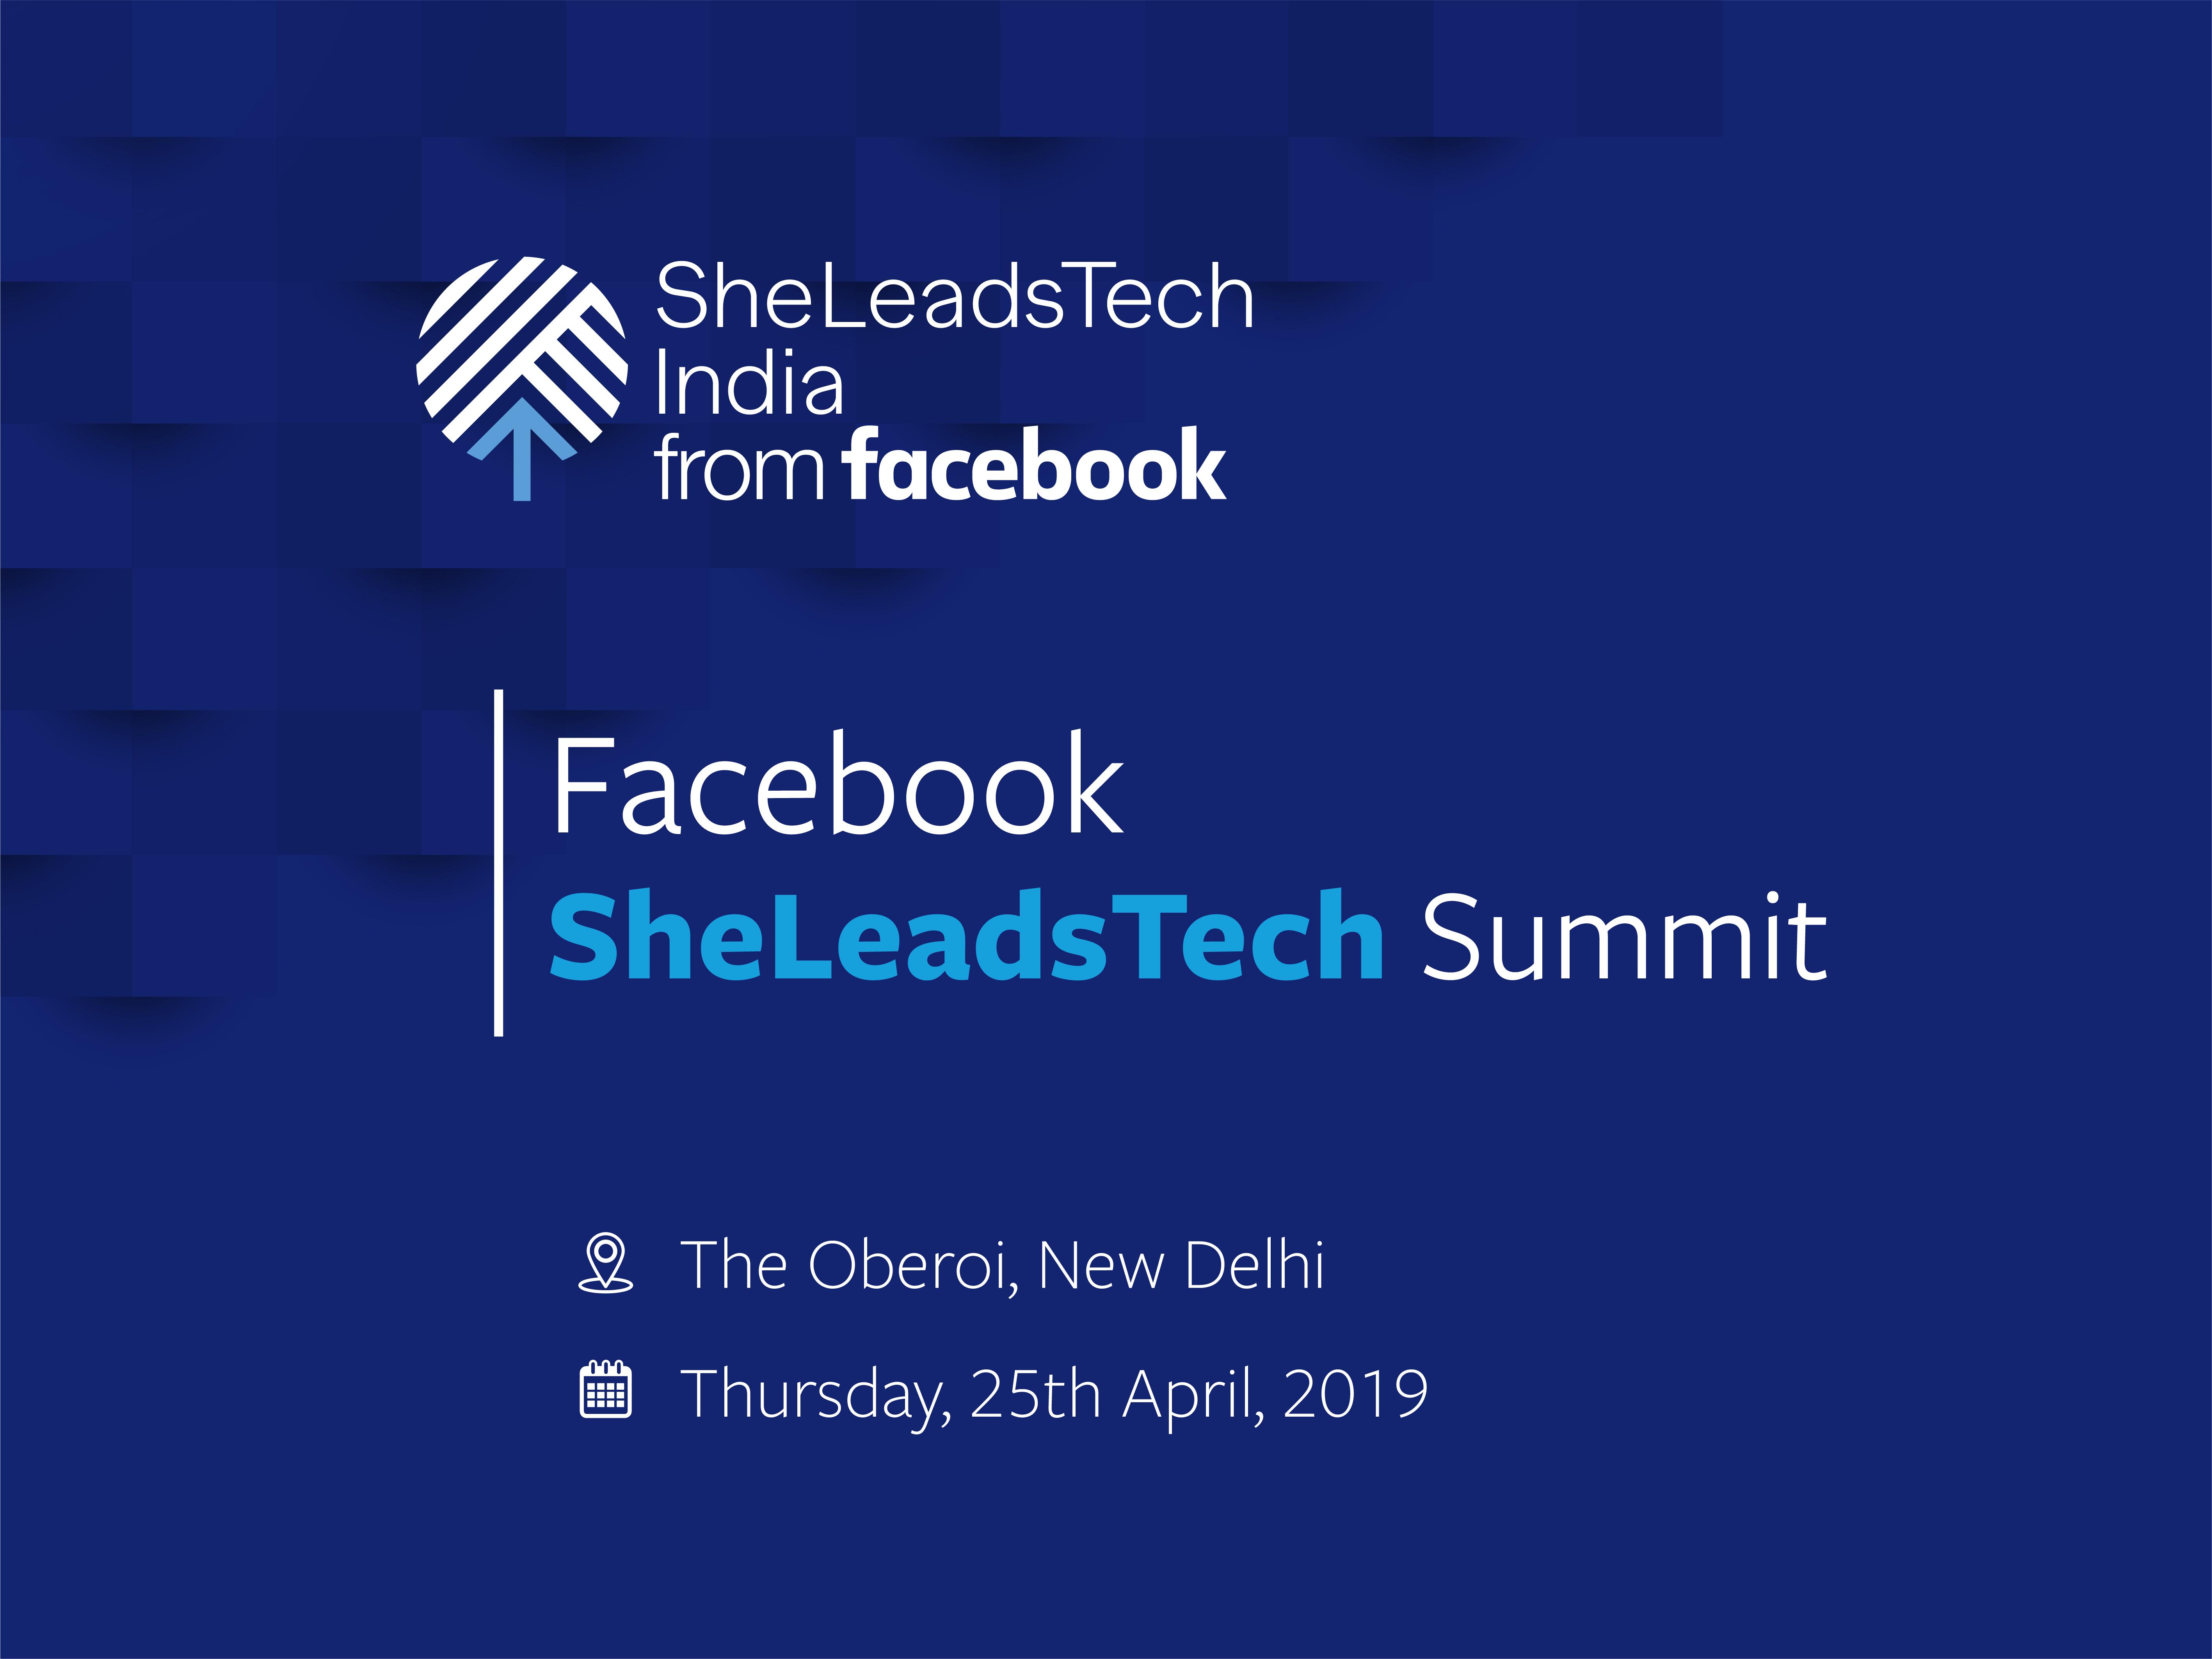 SheLeadsTech